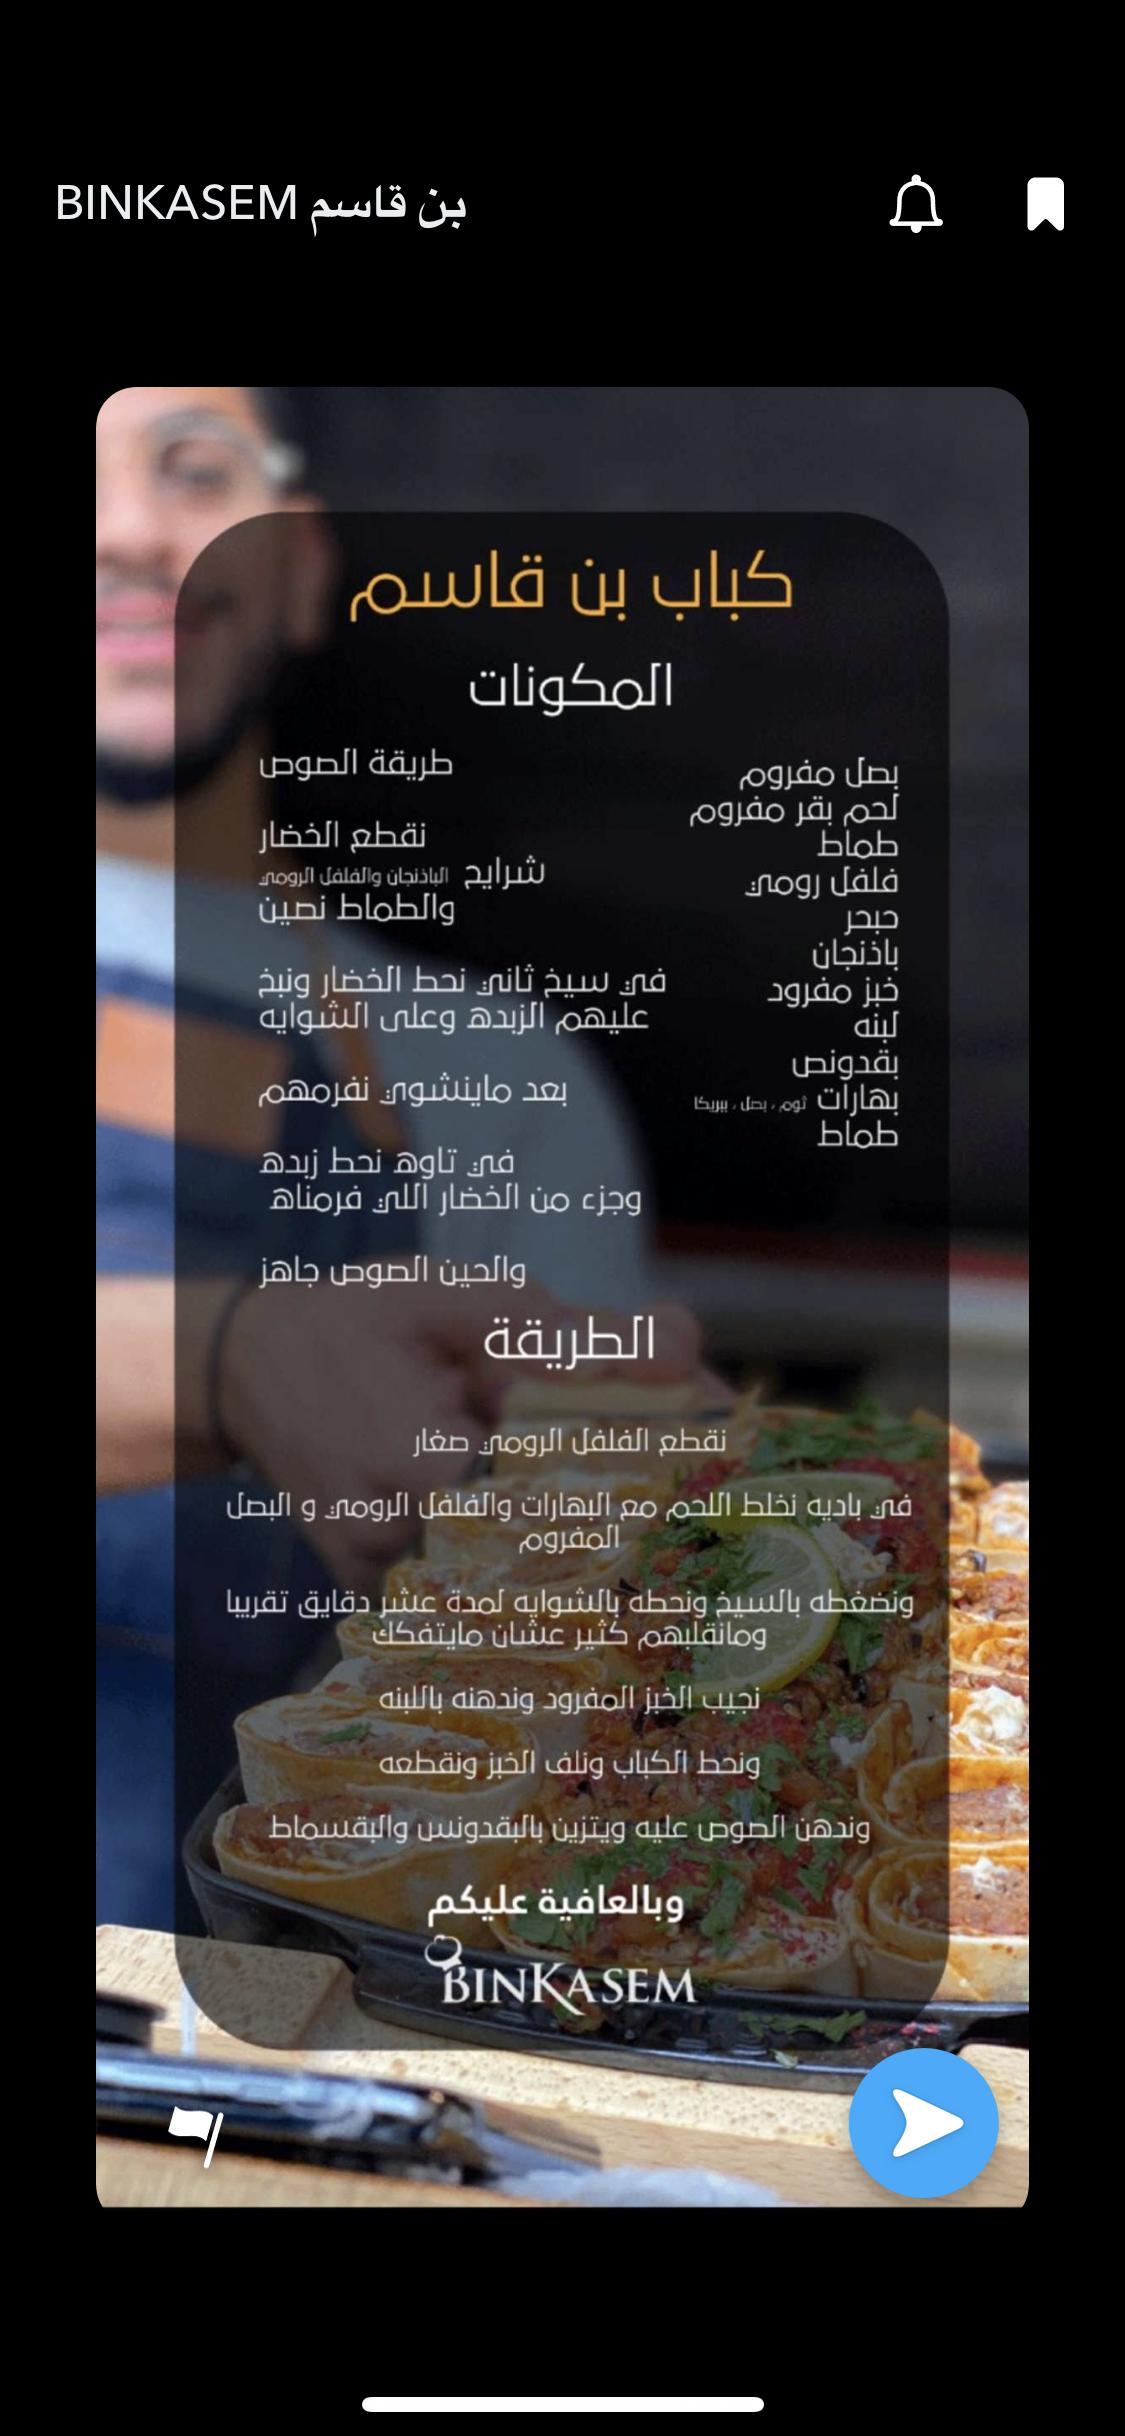 قرص التاوة Arabic Food Food Food And Drink